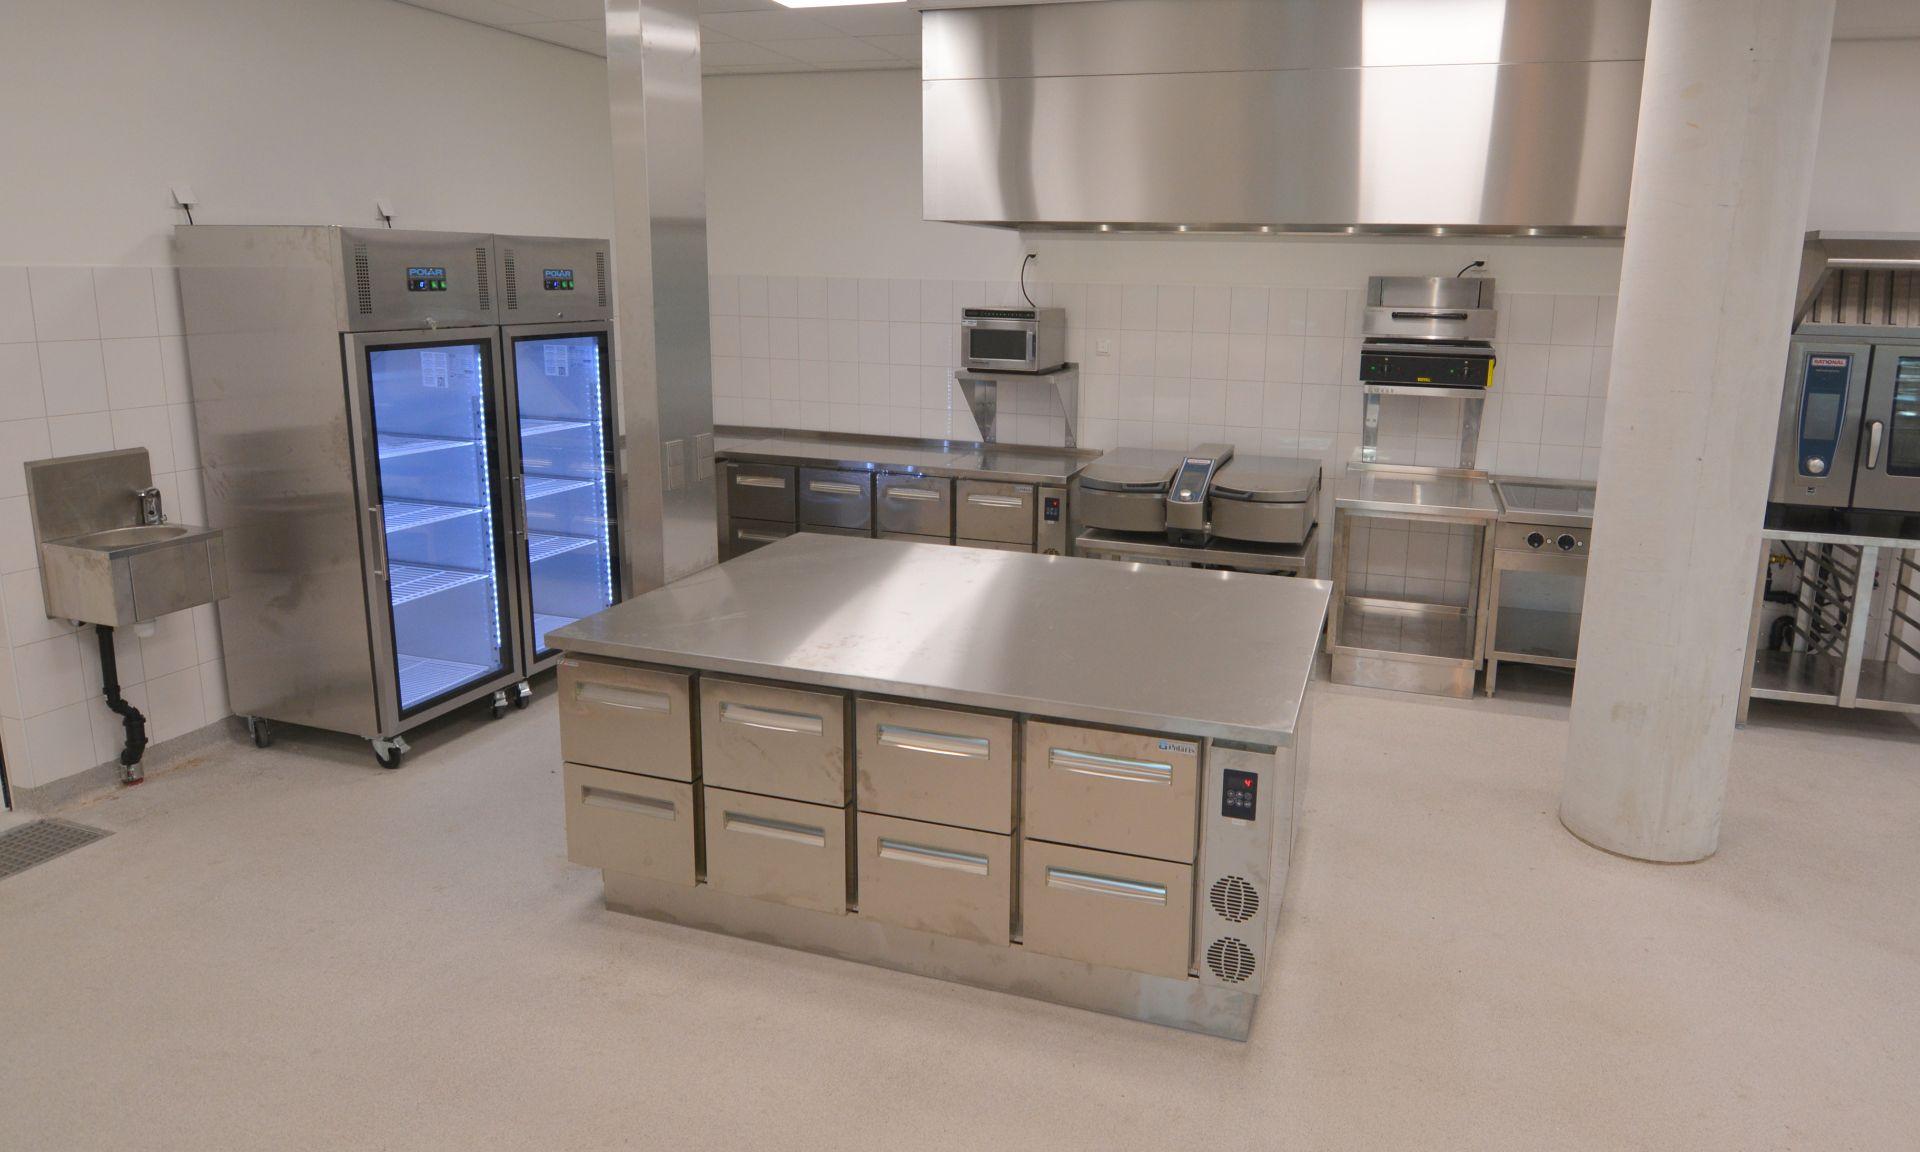 Kooklokaal school Leiden